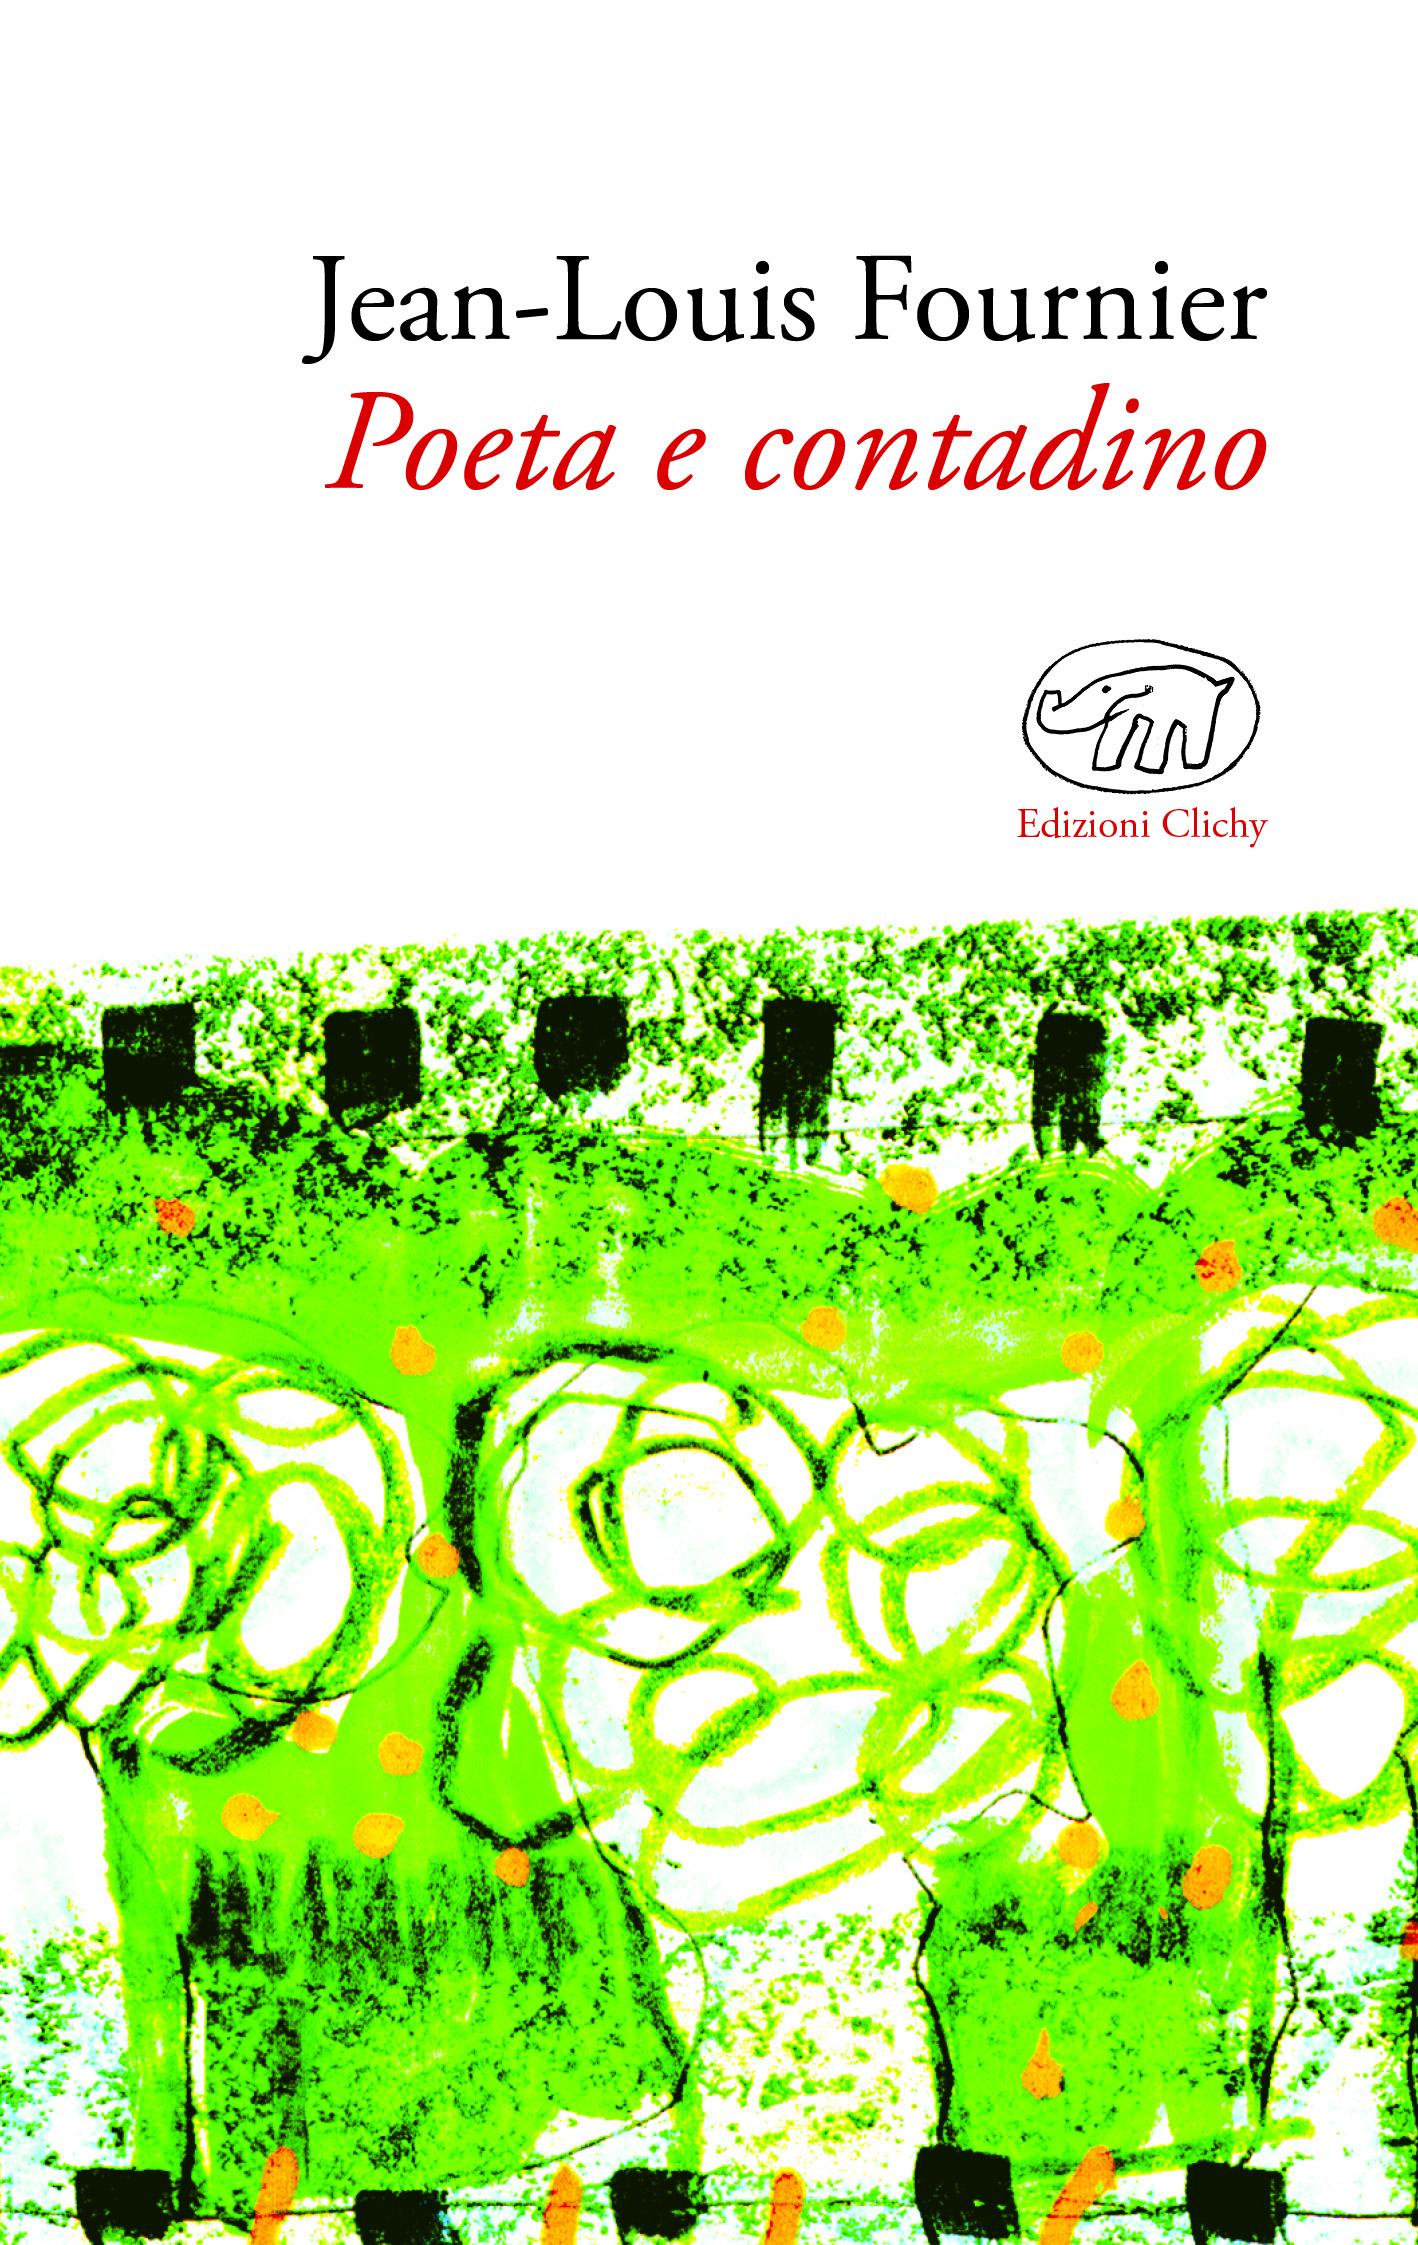 Poeta e contadino